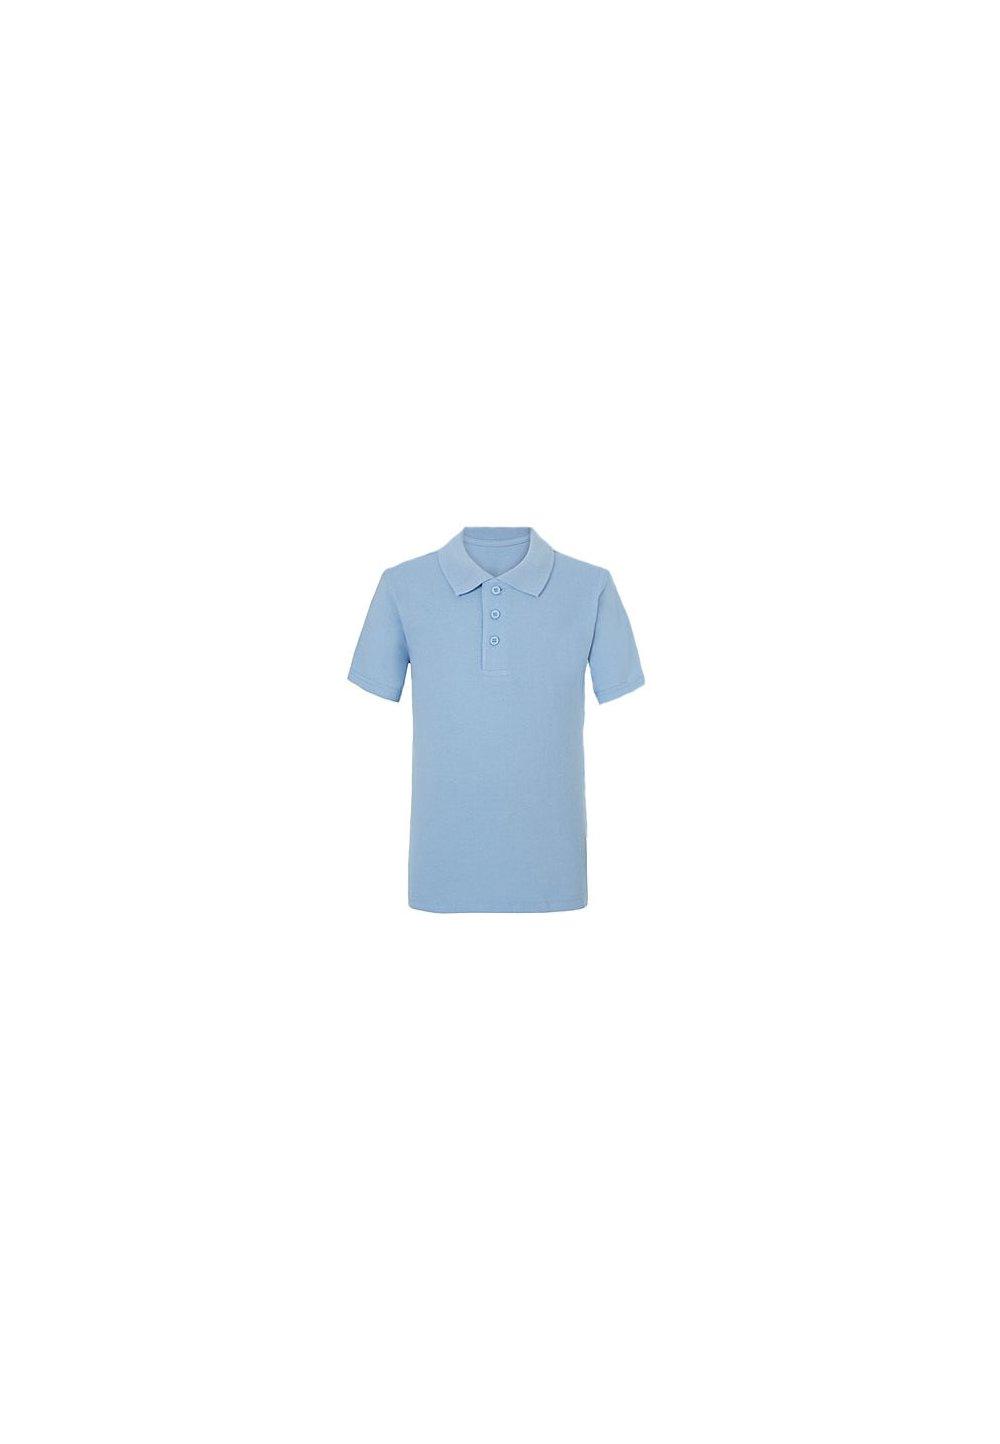 Tricou polo, albastru deschis, baieti imagine